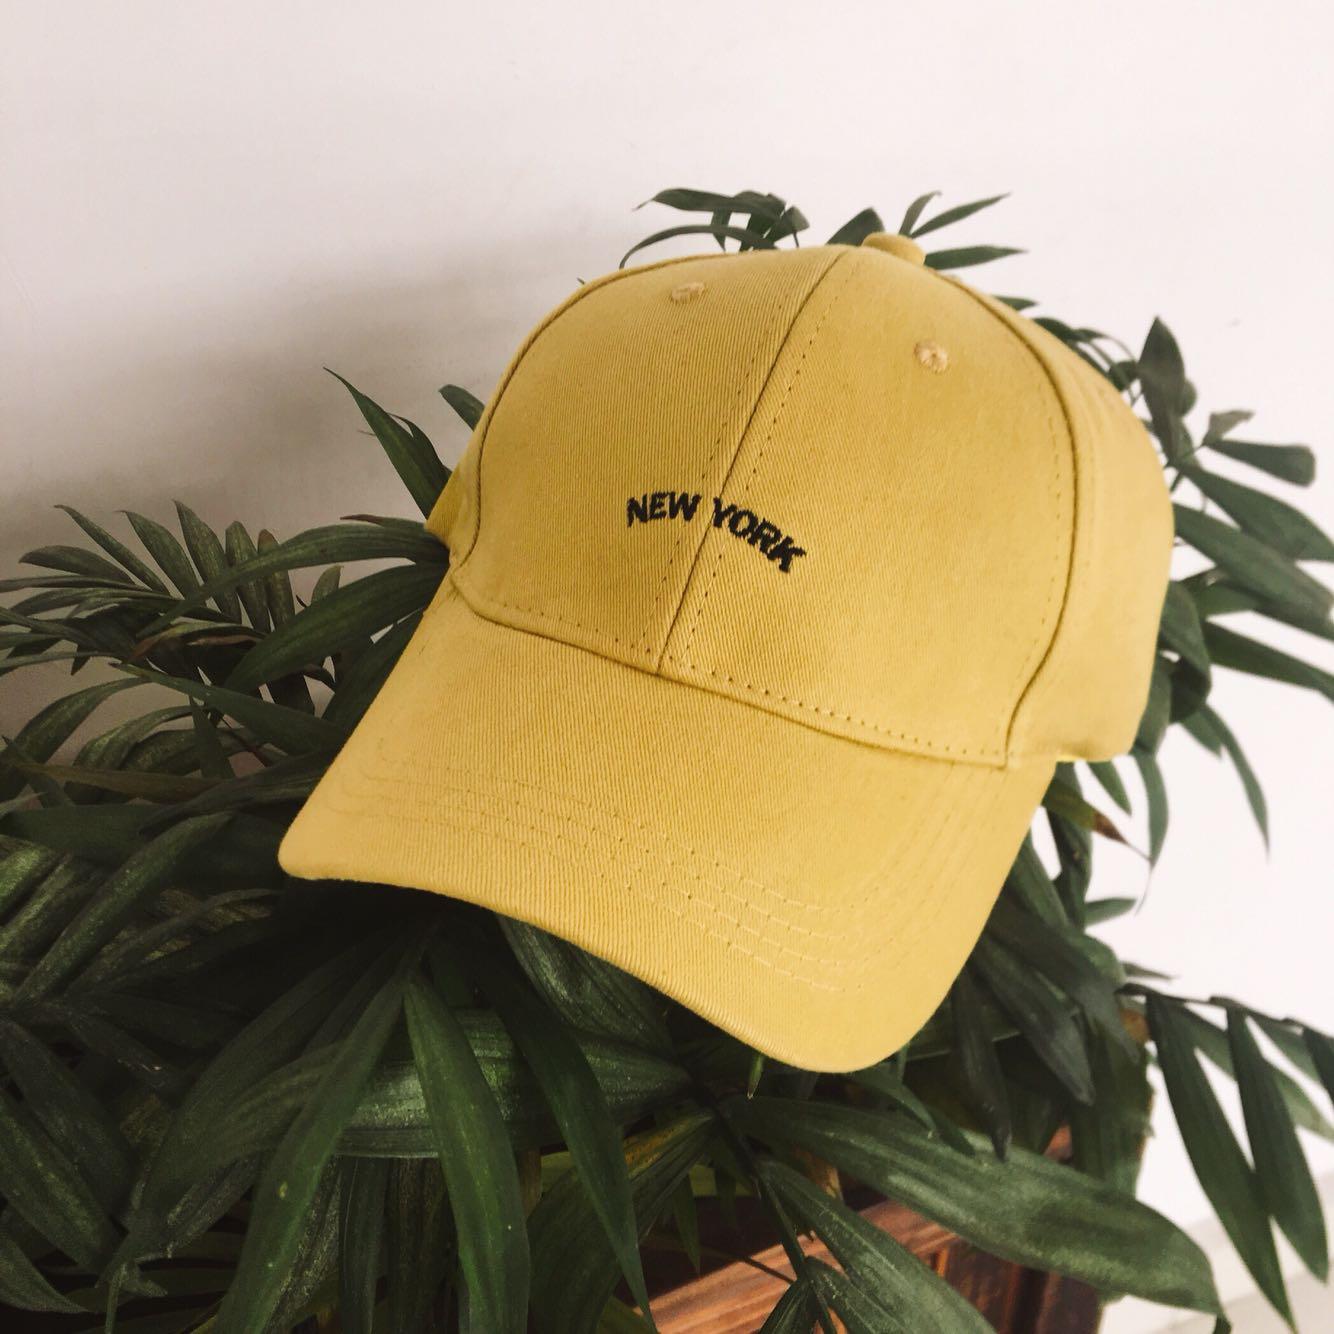 【芥末绿】英文刺绣强推高质量鸭舌帽复古棒球帽子男女情侣帽子